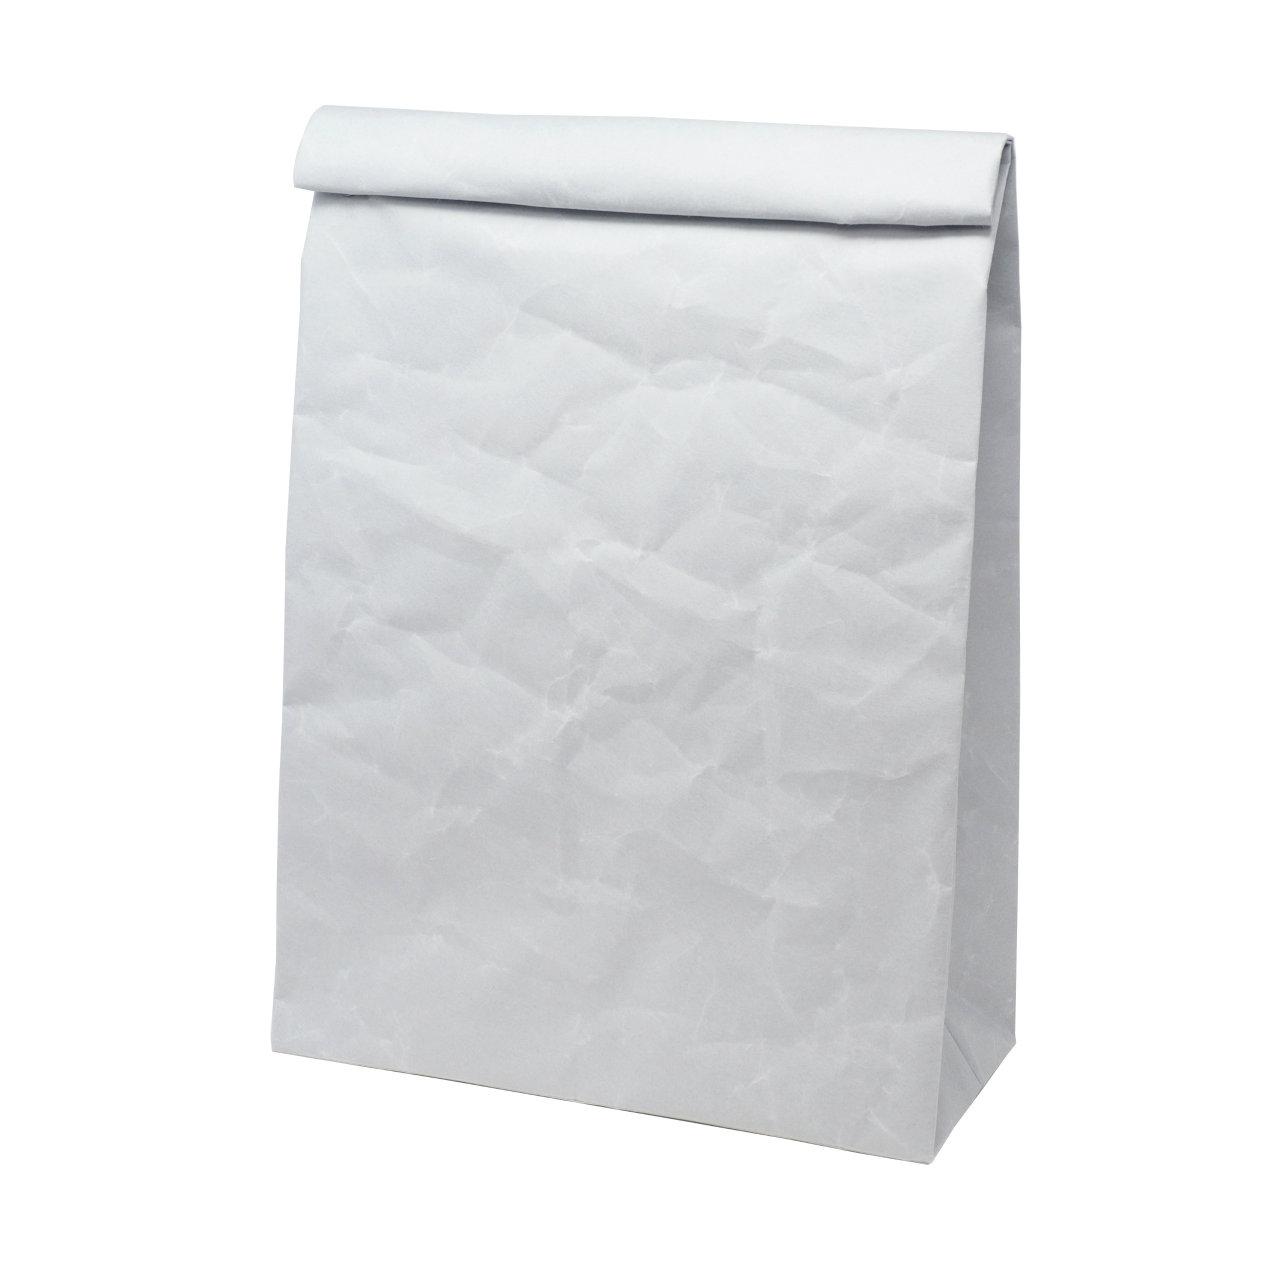 サムネイル:SIWA | 紙和 クラッチバッグ L グレー